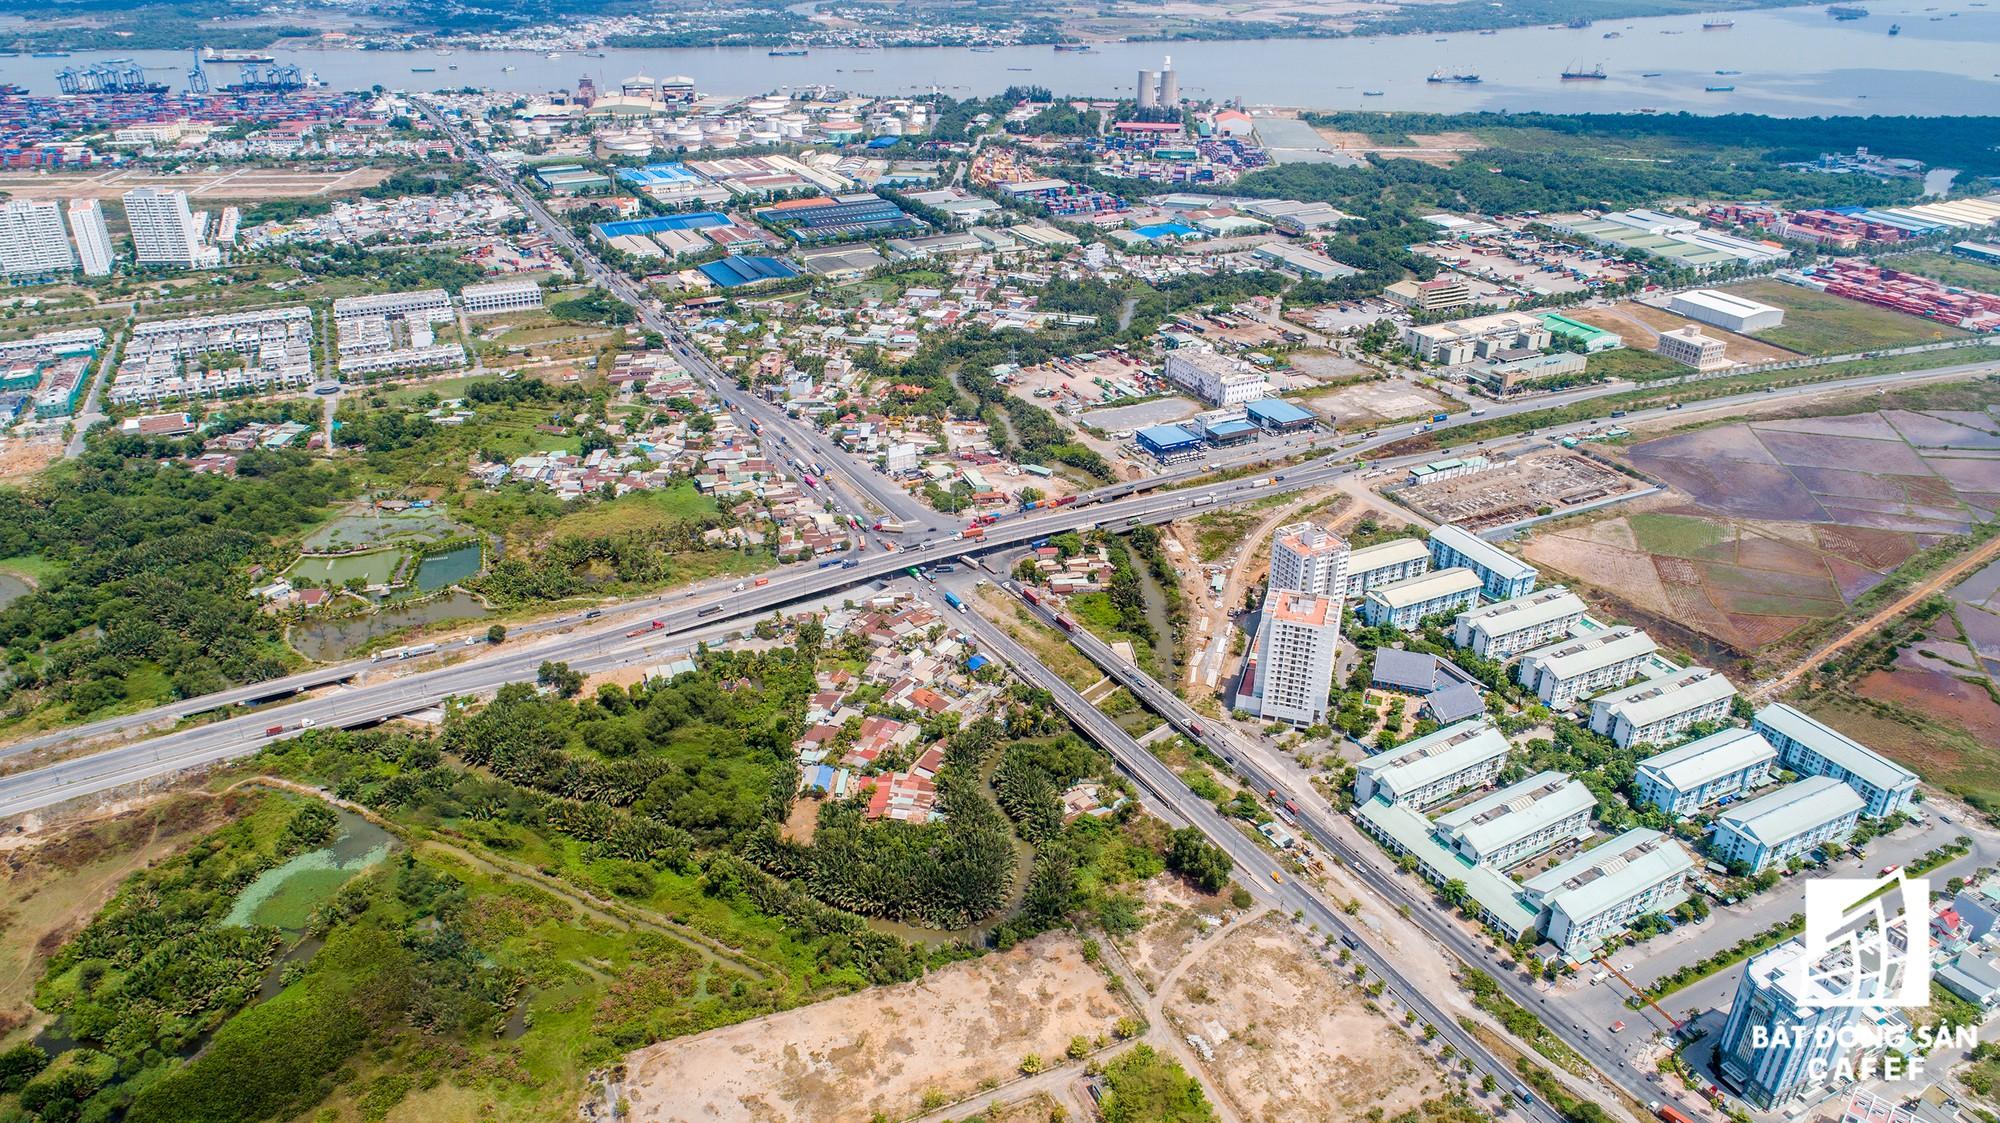 Đồng Nai chốt phương án xây cầu Cát Lái nối Nhơn Trạch và TP.HCM, bức tranh thị trường bất động sản thay đổi chóng mặt - Ảnh 17.